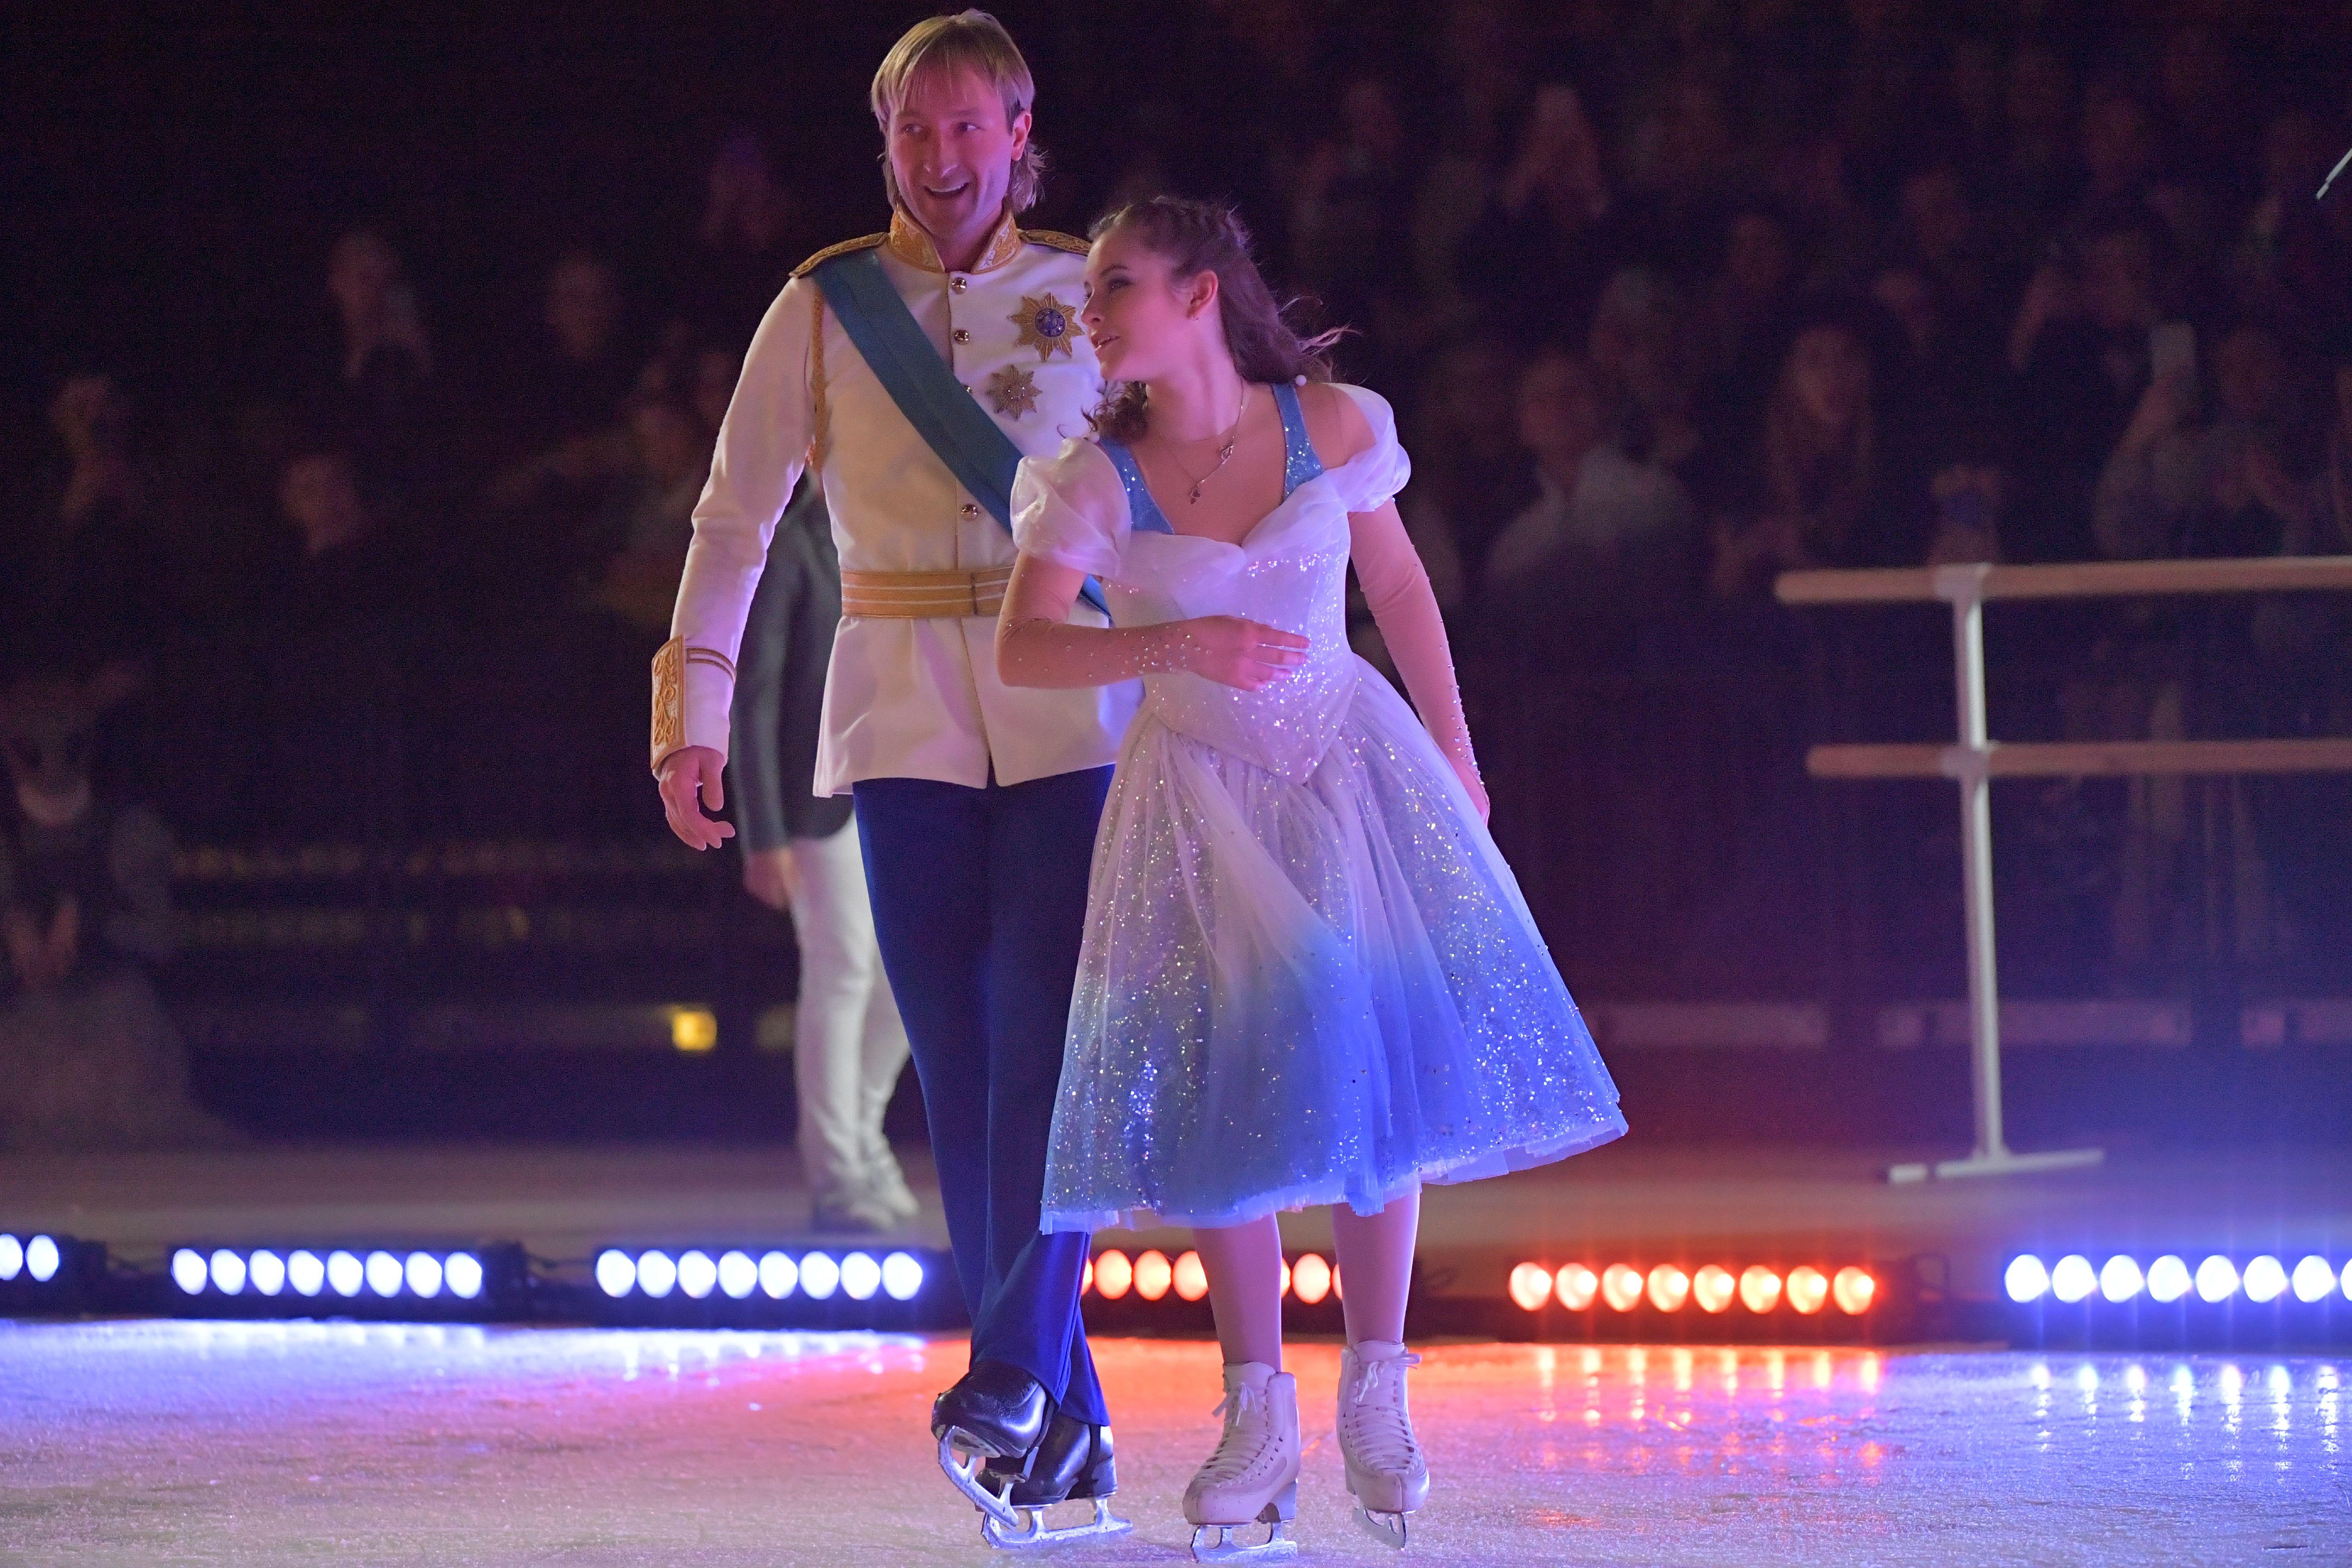 Плющенко показал танец маленьких лебедей из новогоднего шоу. ВИДЕО